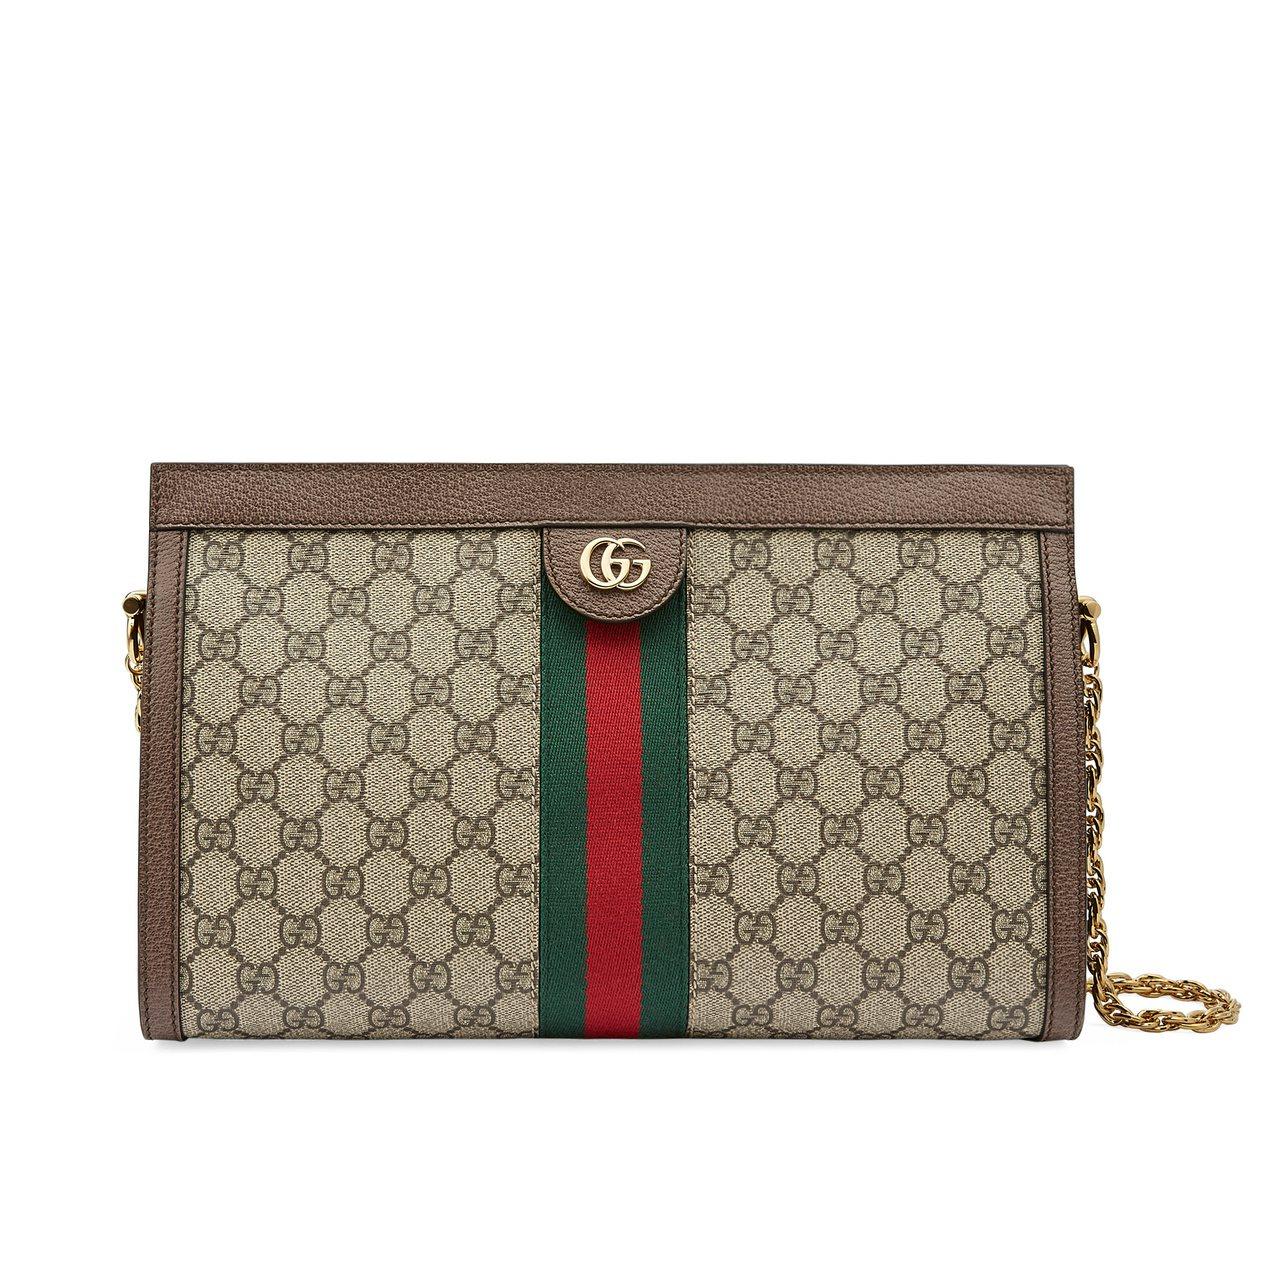 Ophidia綠紅綠織帶鍊帶包,66,800元。圖/Gucci提供